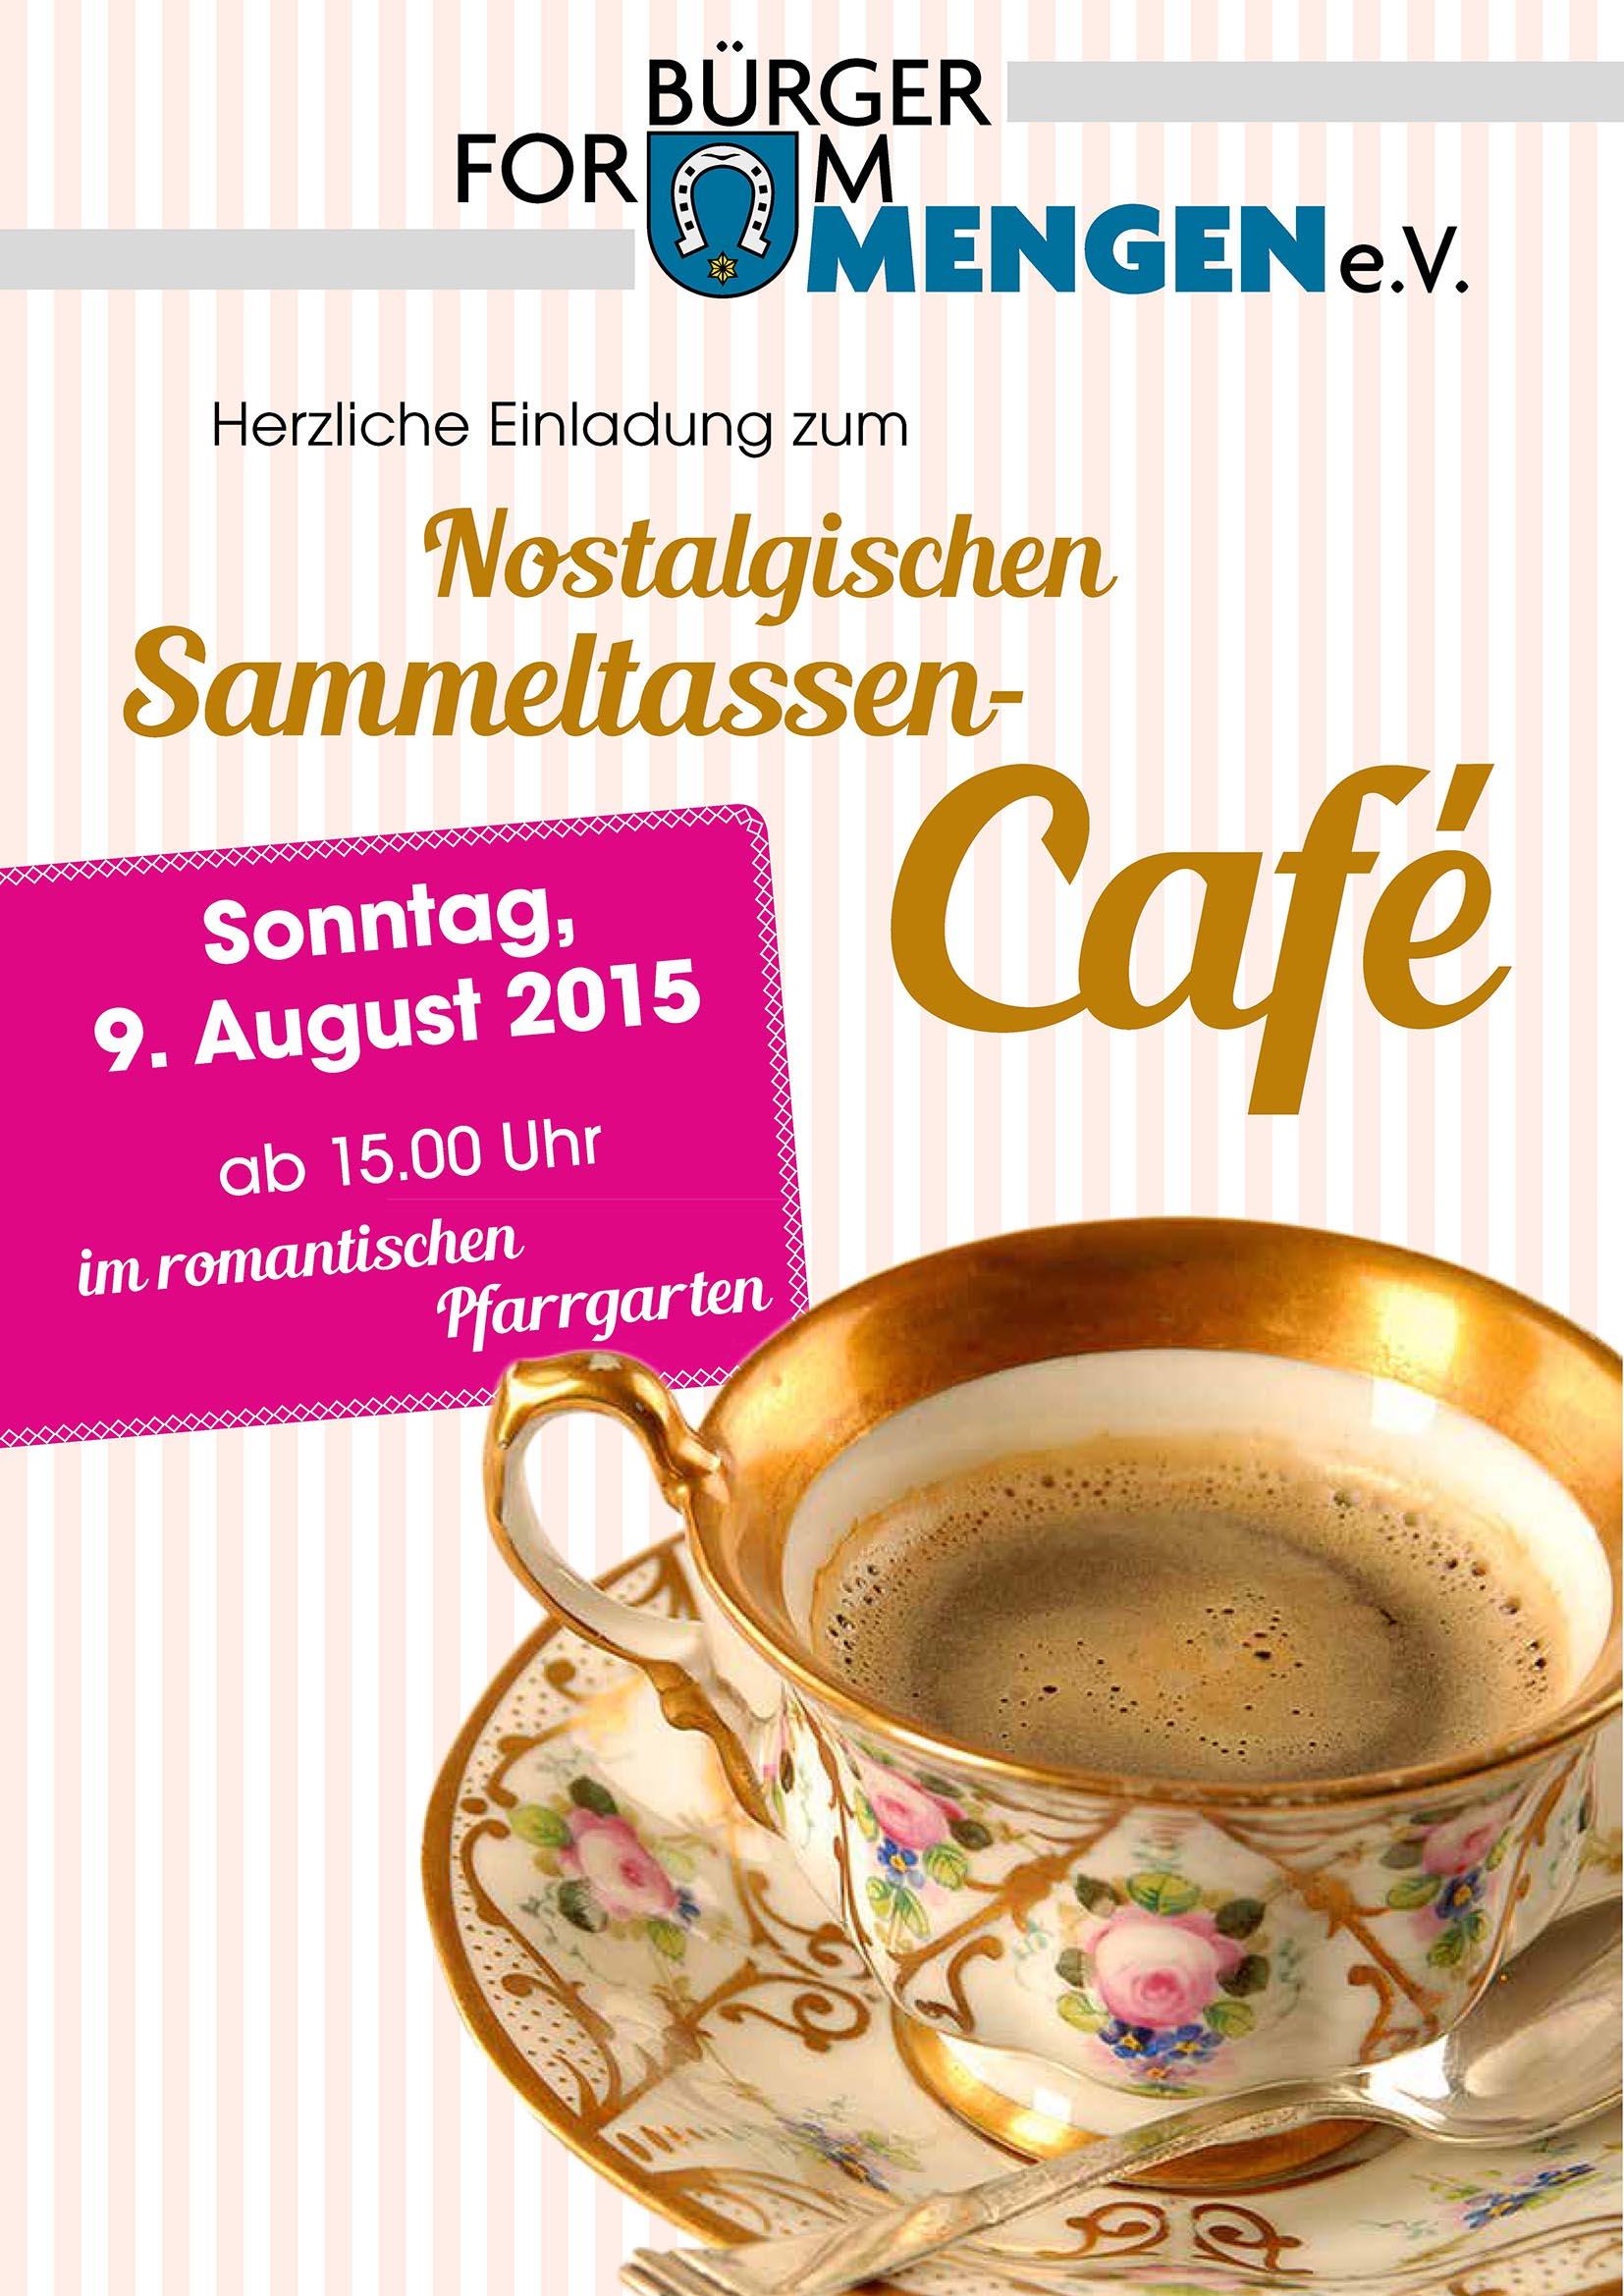 Sammeltassencafe 2015_online